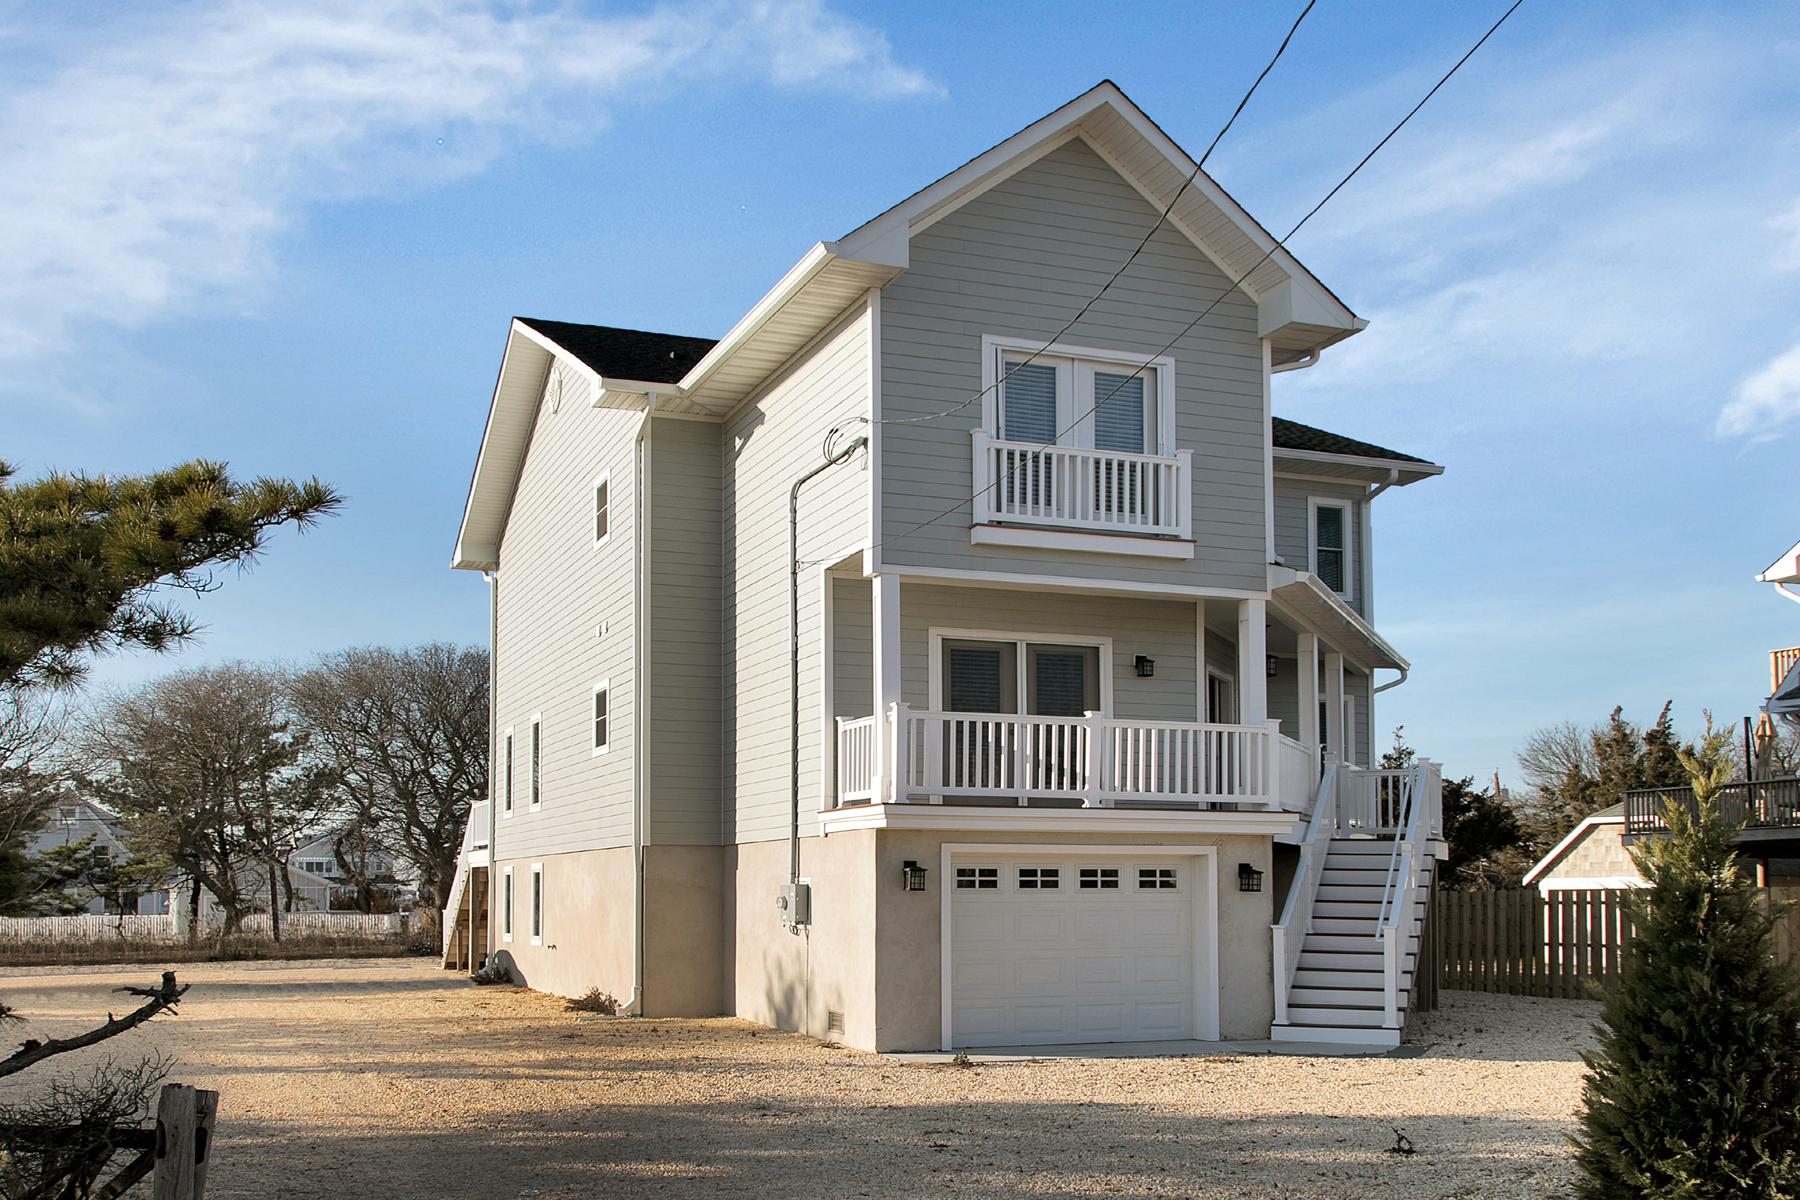 Частный односемейный дом для того Продажа на Short Walk to Beach 914 Ocean Avenue Mantoloking, Нью-Джерси 08738 Соединенные Штаты